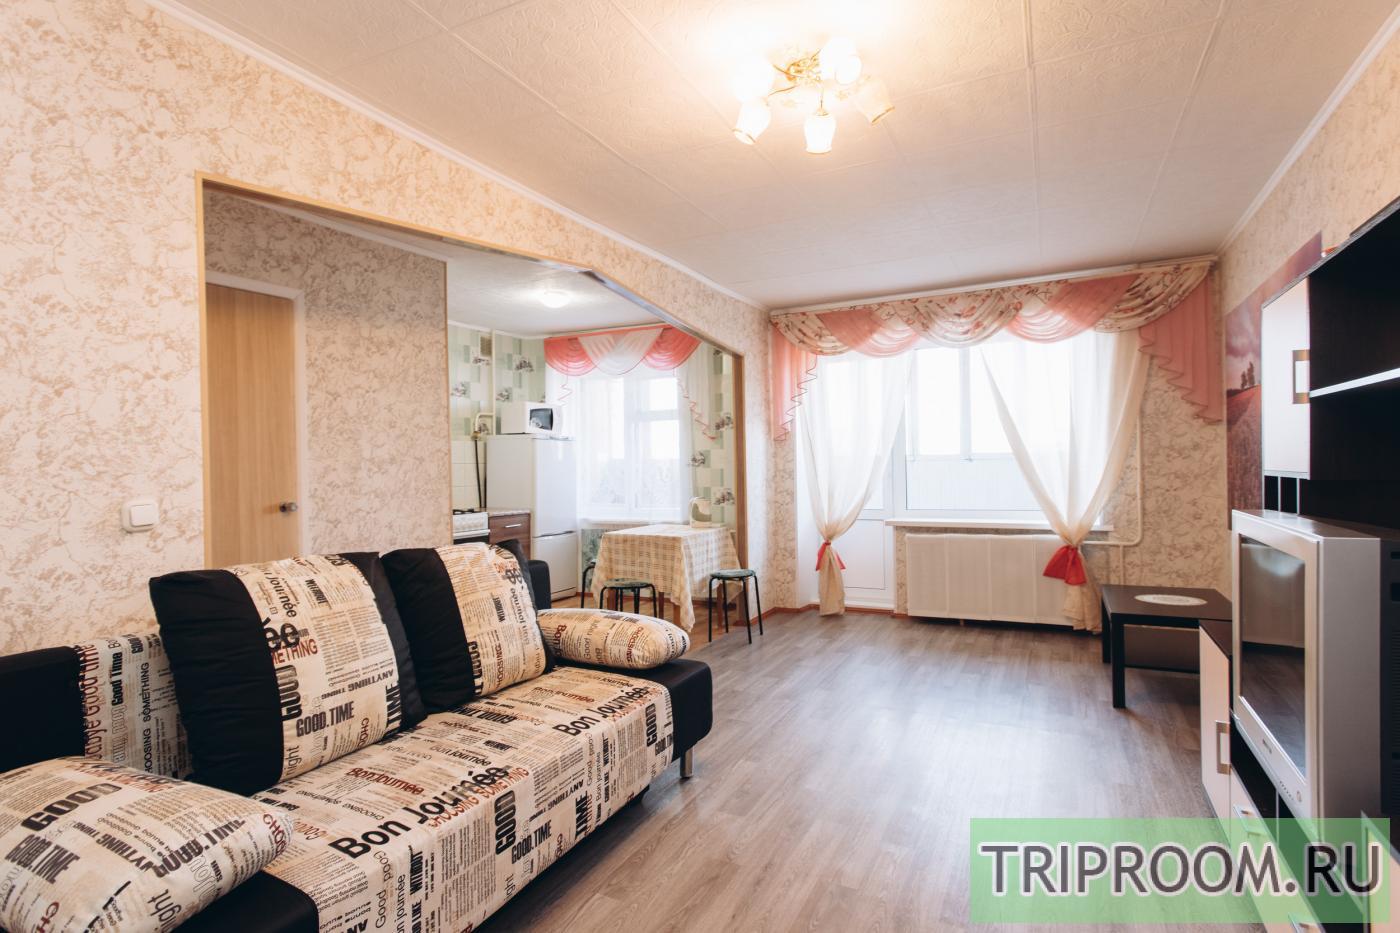 1-комнатная квартира посуточно (вариант № 14750), ул. Белореченская улица, фото № 3